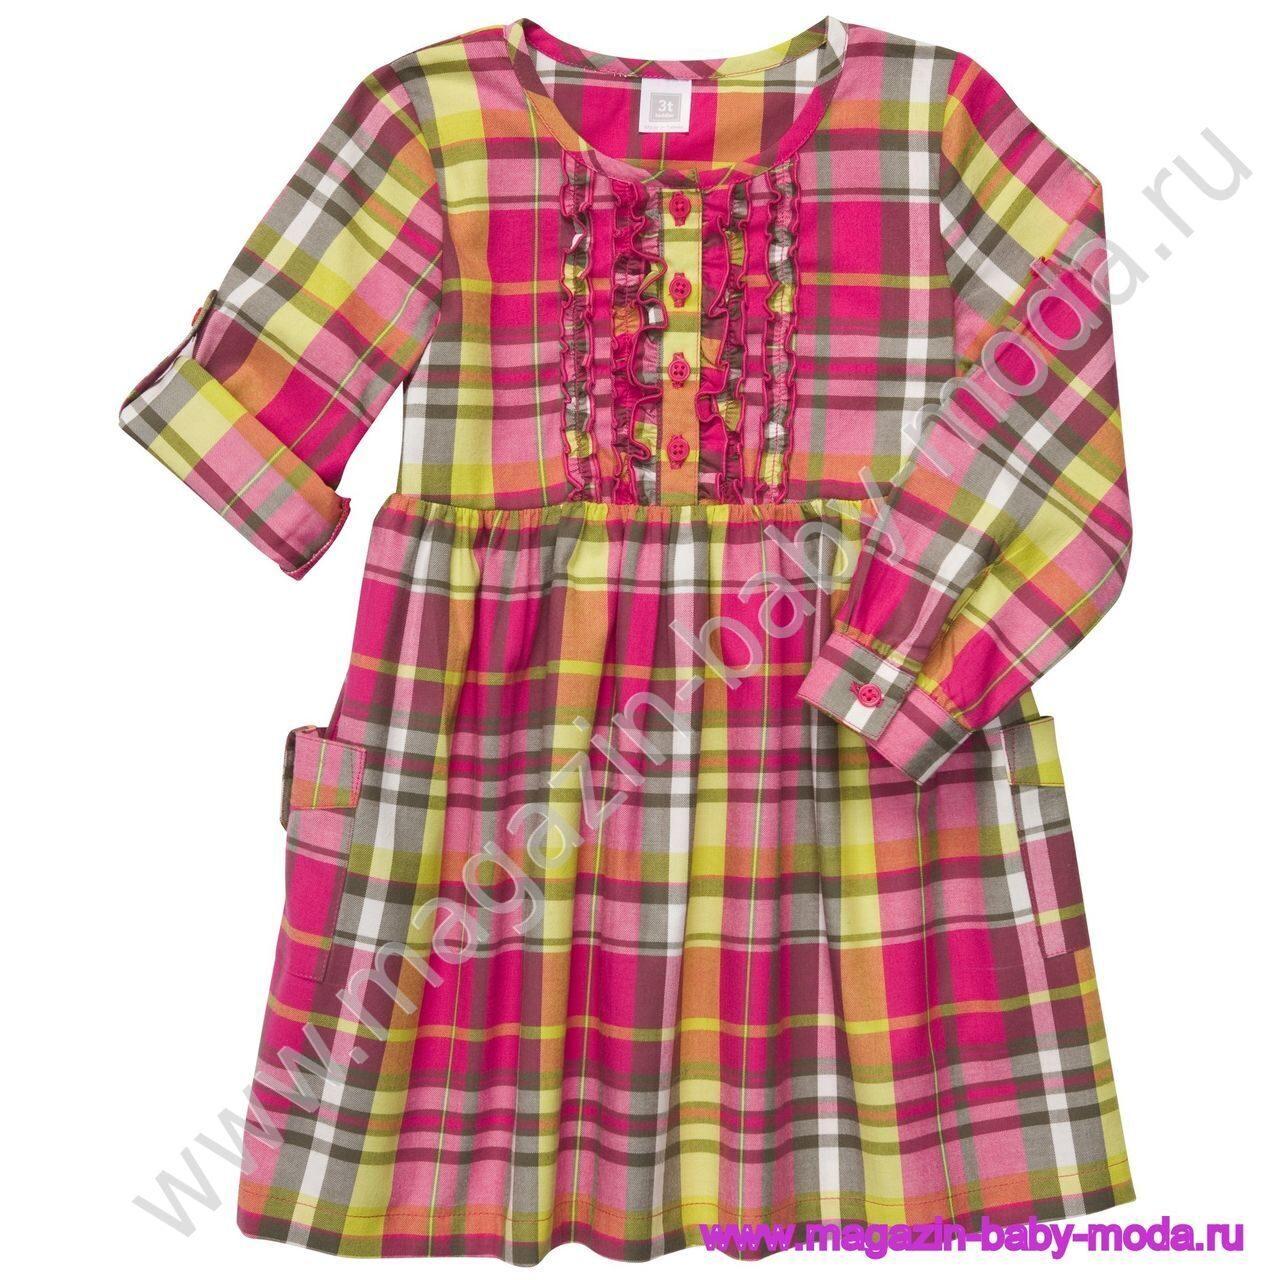 Фланелевое платье купить